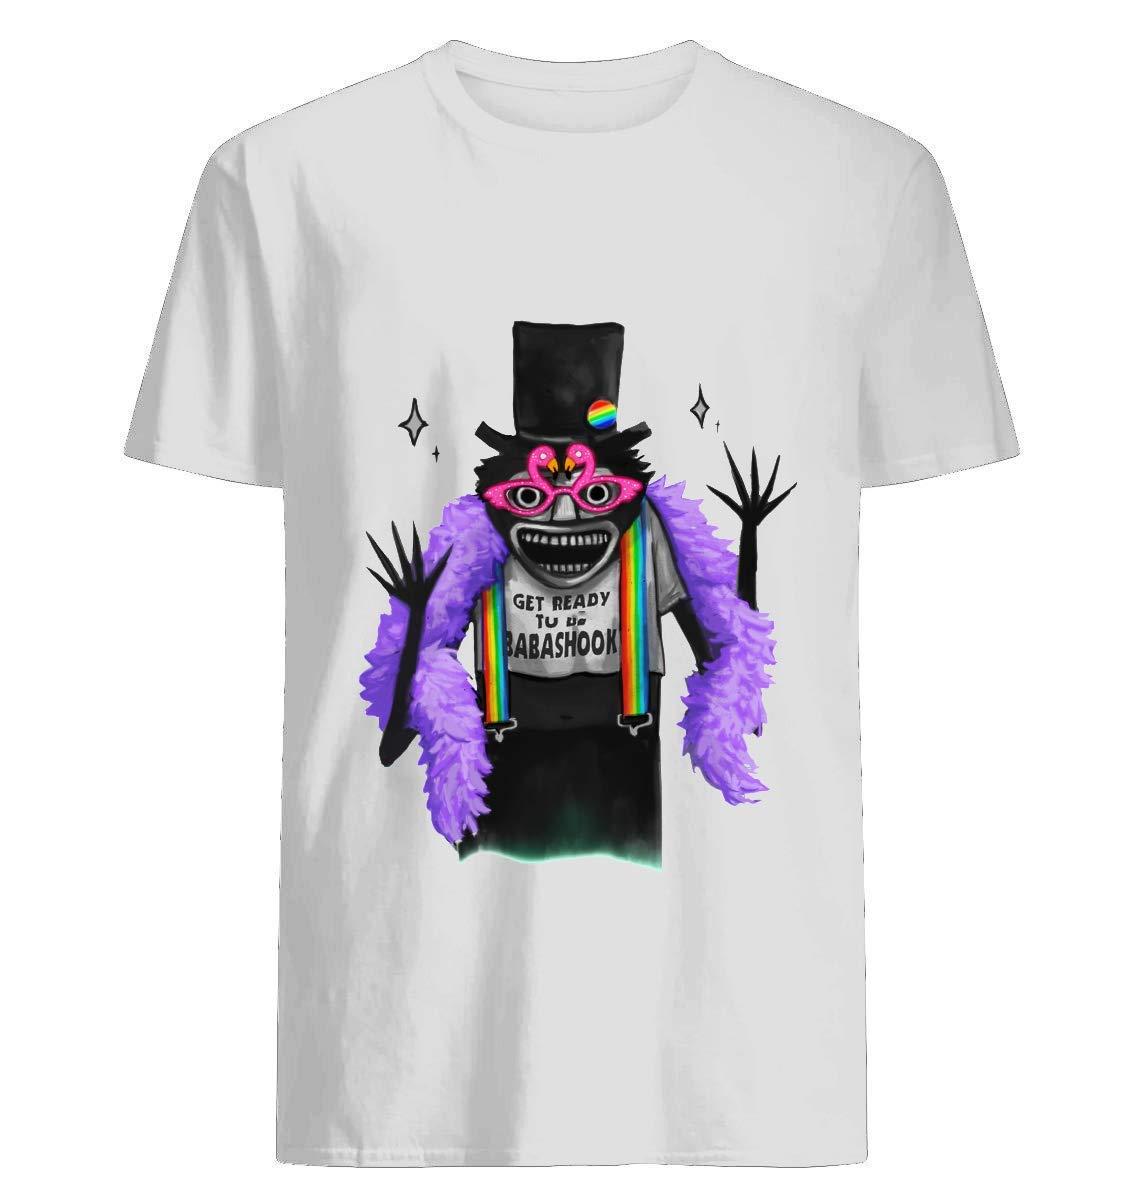 Babashook T Shirt For Unisex